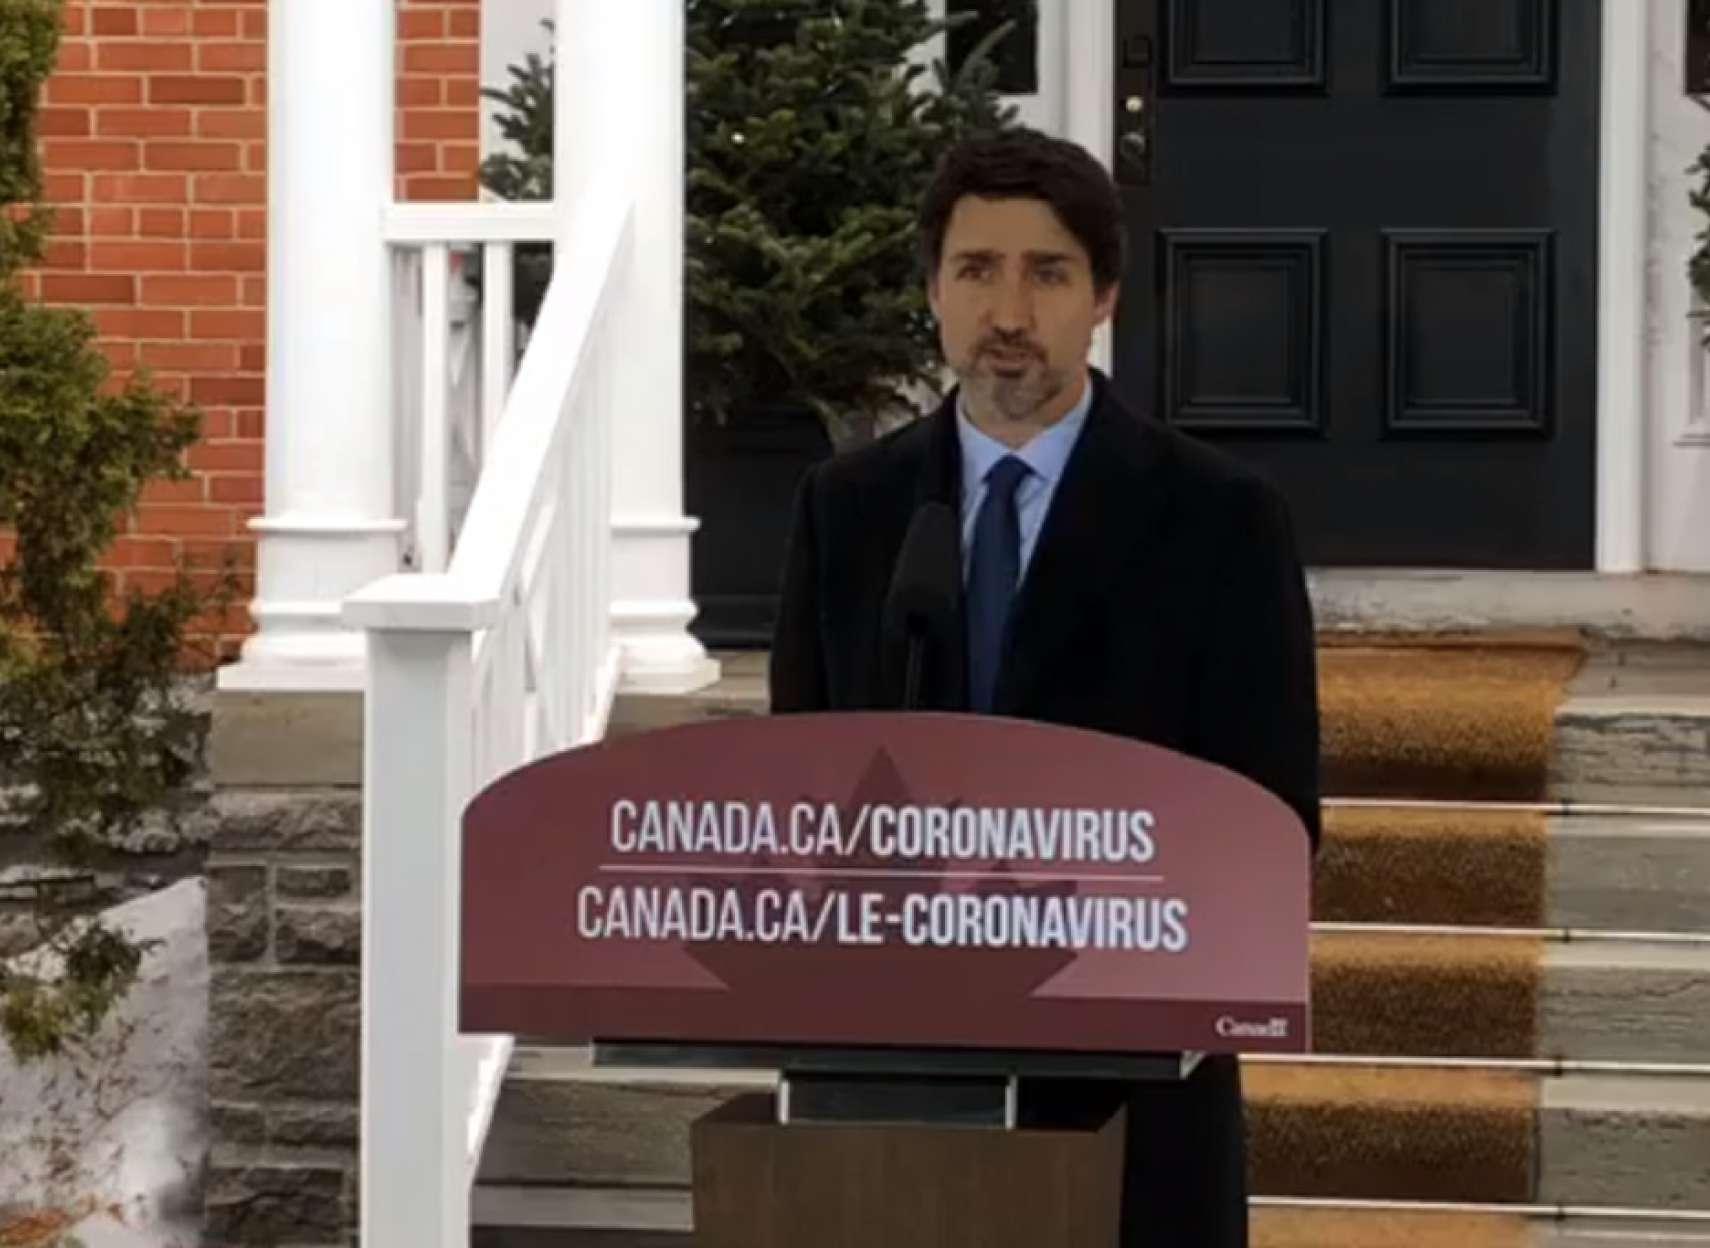 اخبار-کانادا-ترودو-چگونگی-اعطای-یارانه-75-درصدی-دستمزد-کارمندان-را-اعلان-کرد